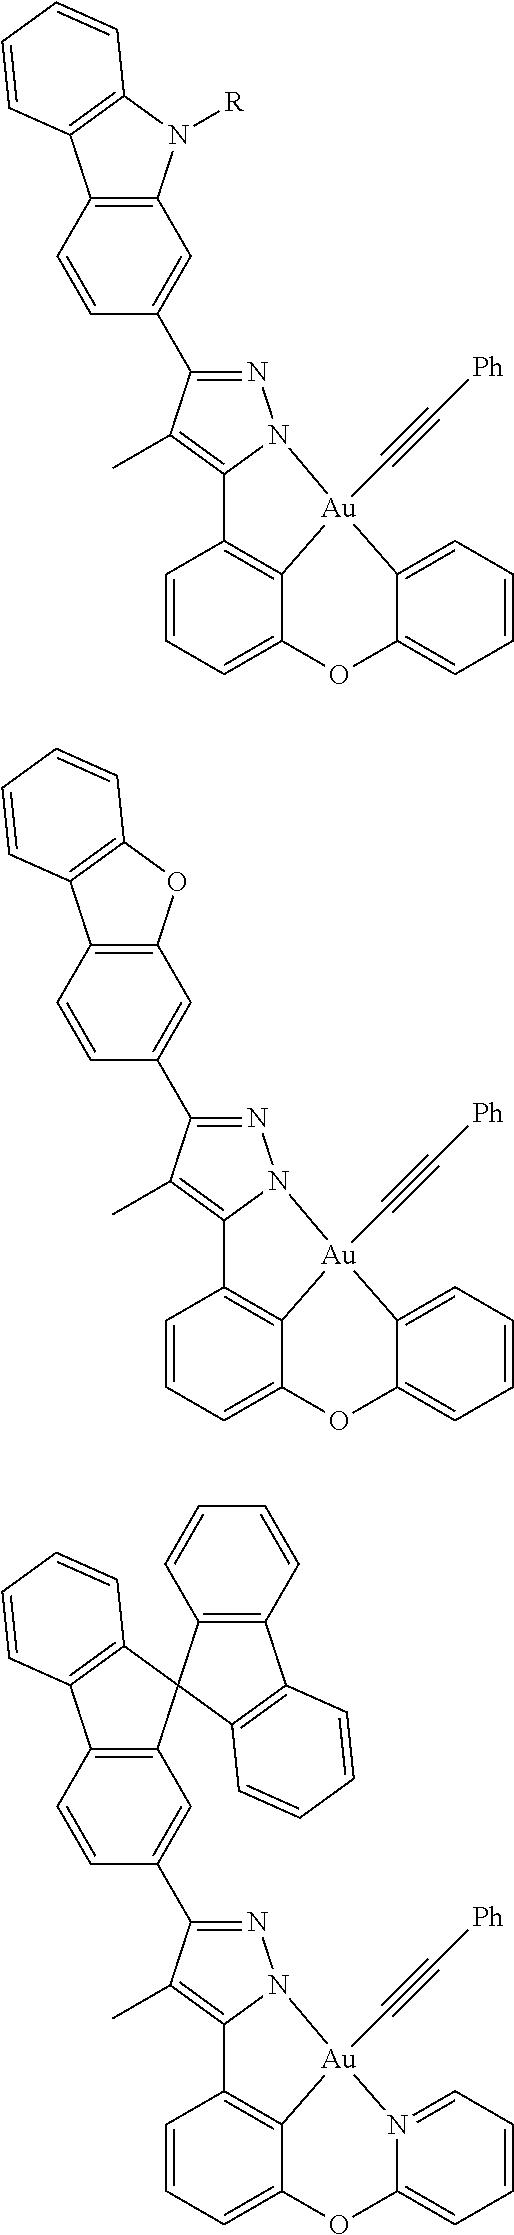 Figure US09818959-20171114-C00550